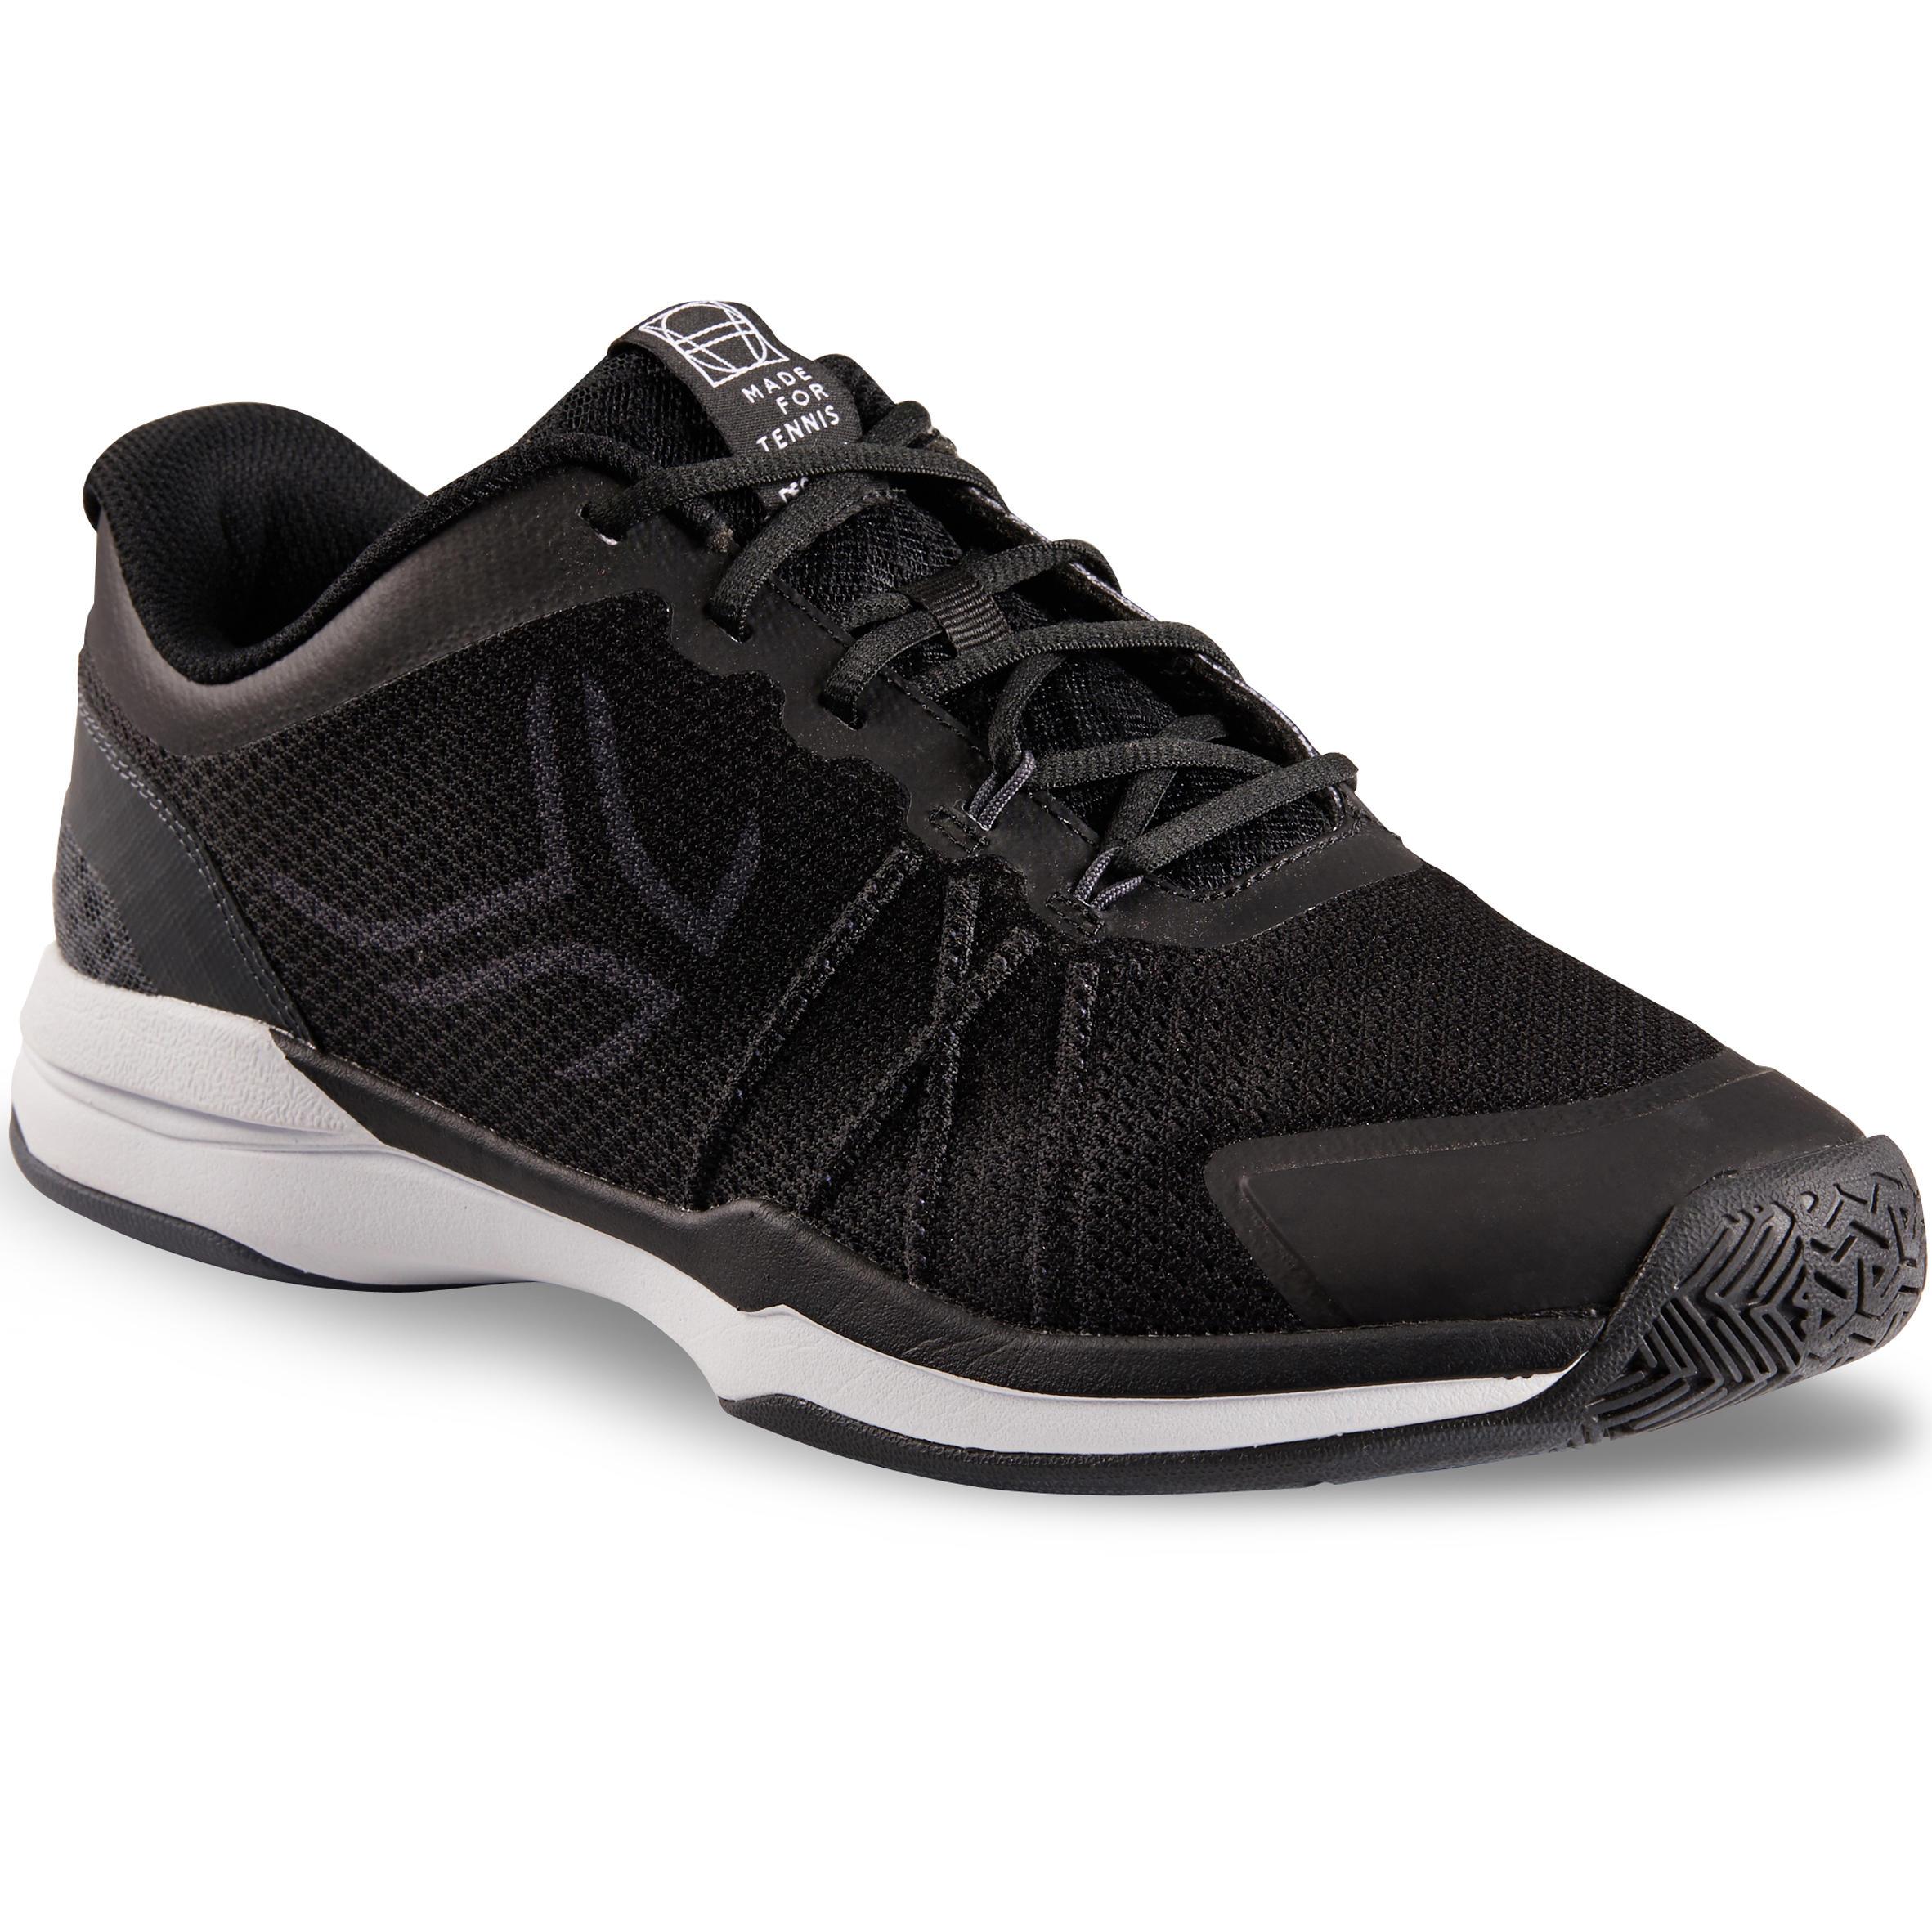 Artengo Tennisschoenen voor heren TS590 multicourt